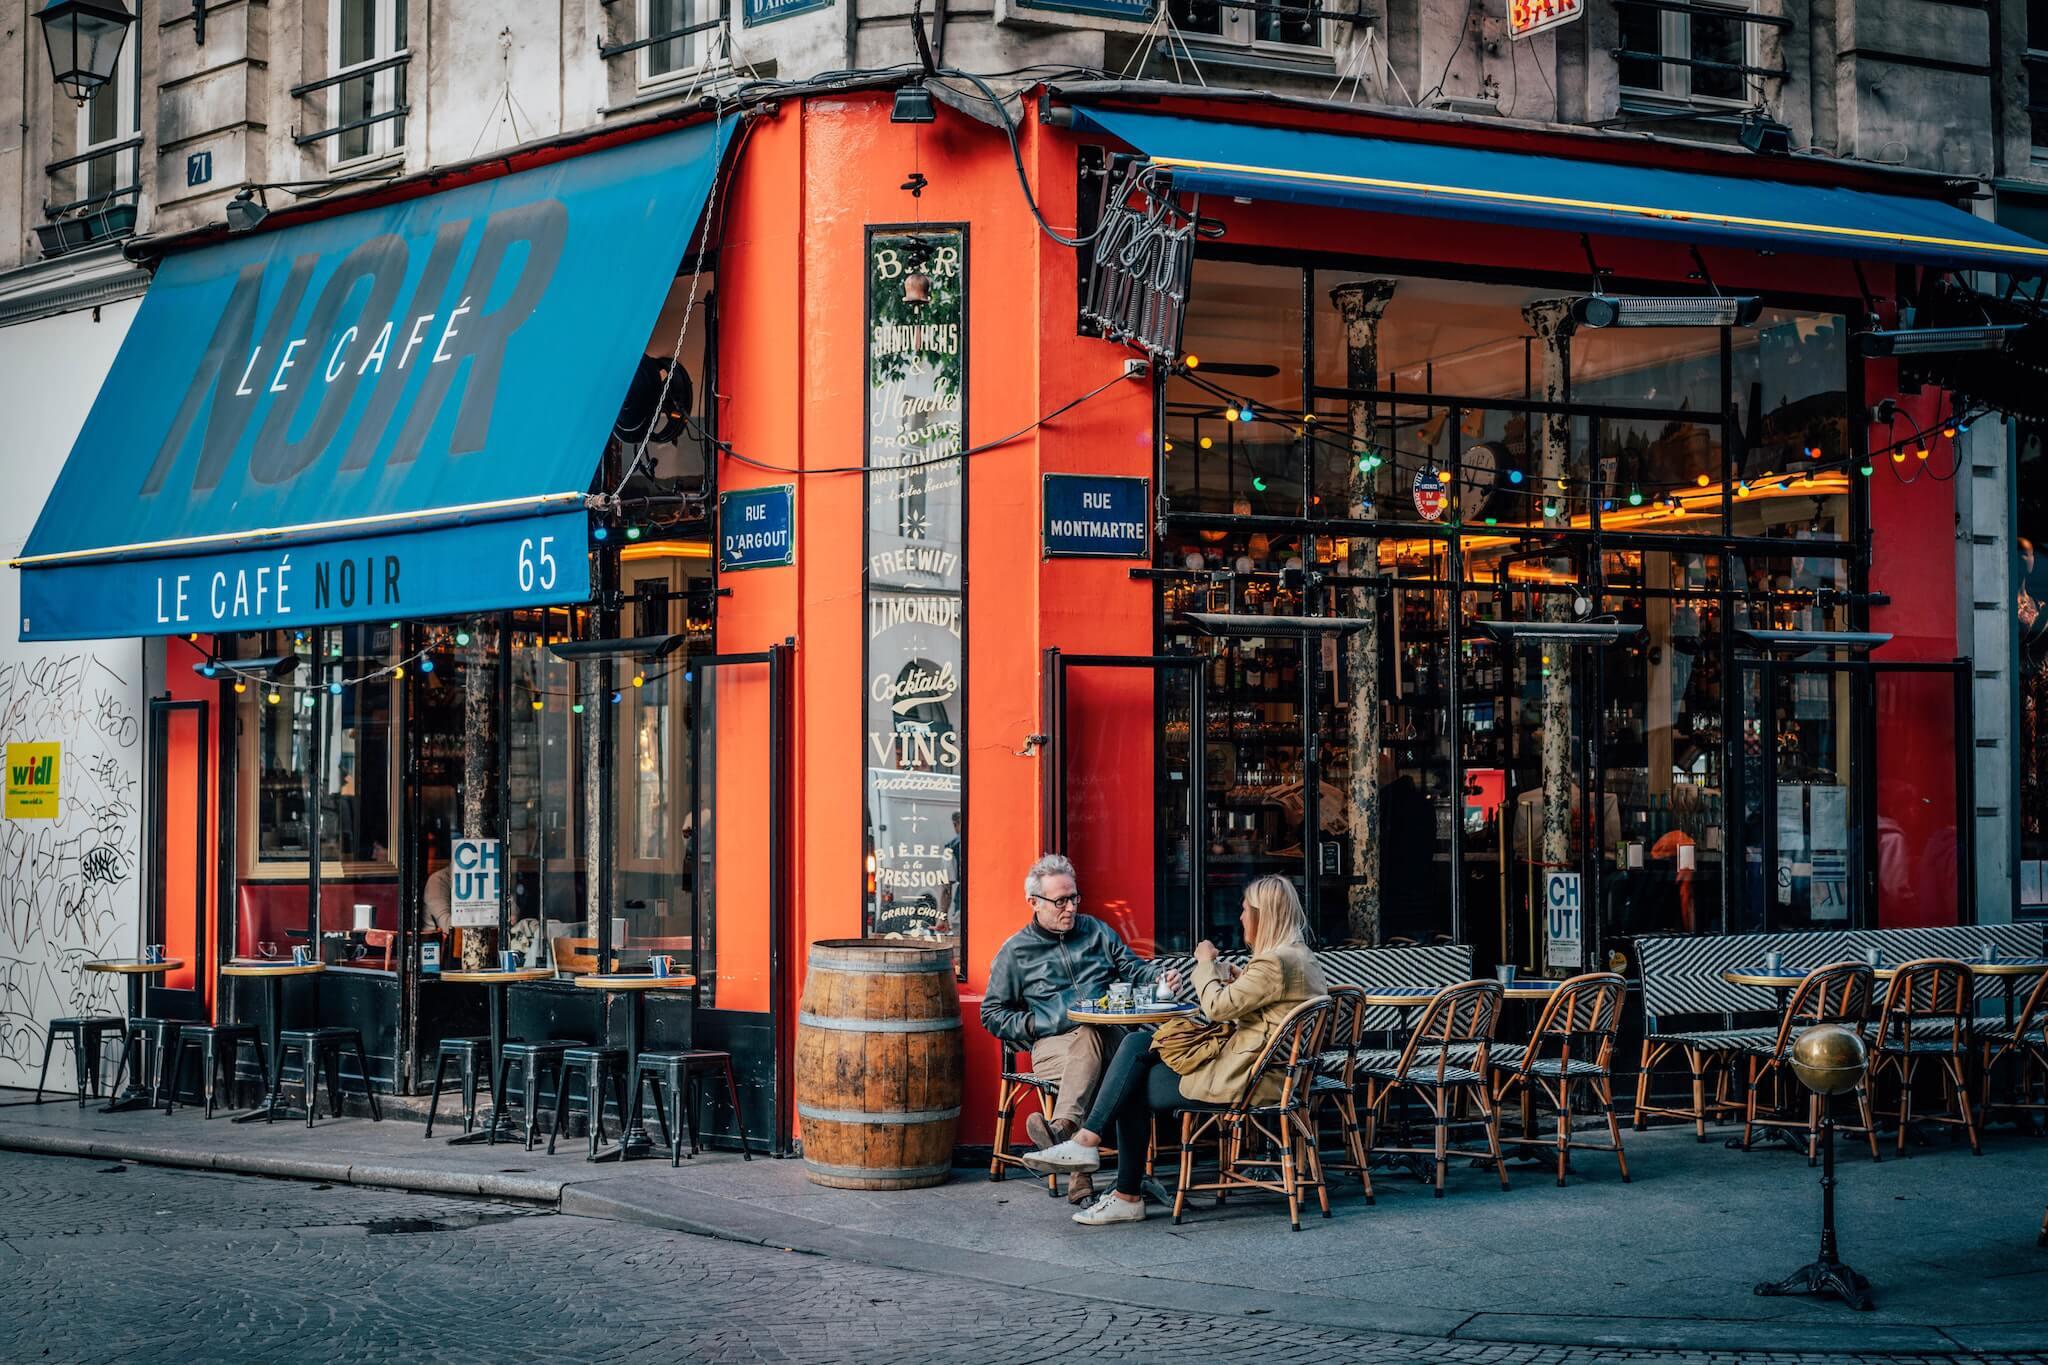 A man and a woman sit outside Le Café Noir in Paris.